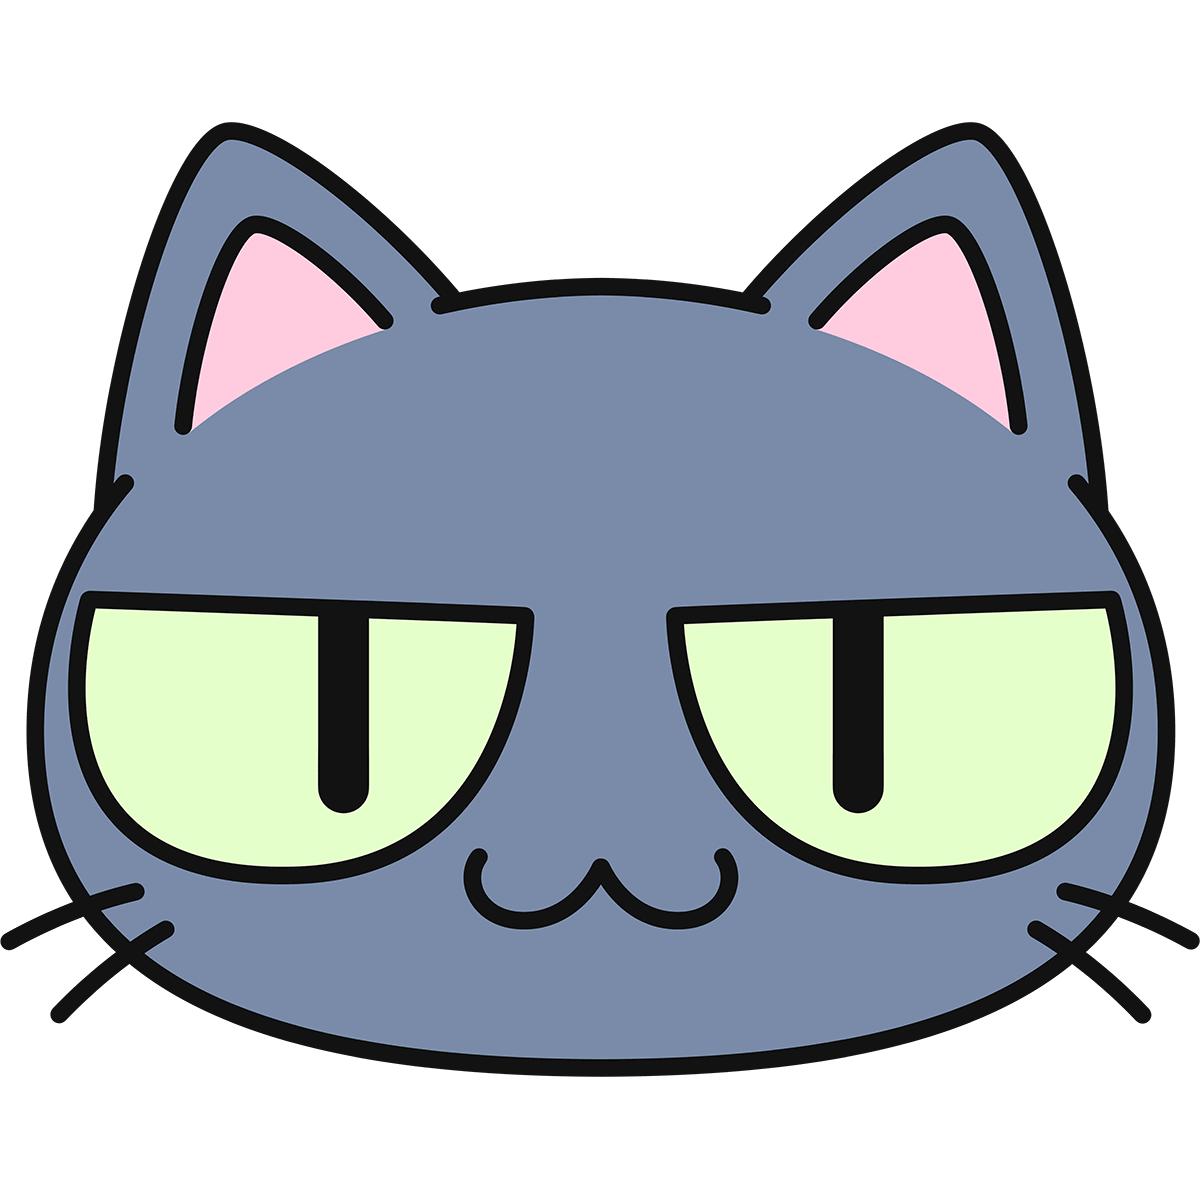 グレー猫の顔(猫目)の無料イラスト